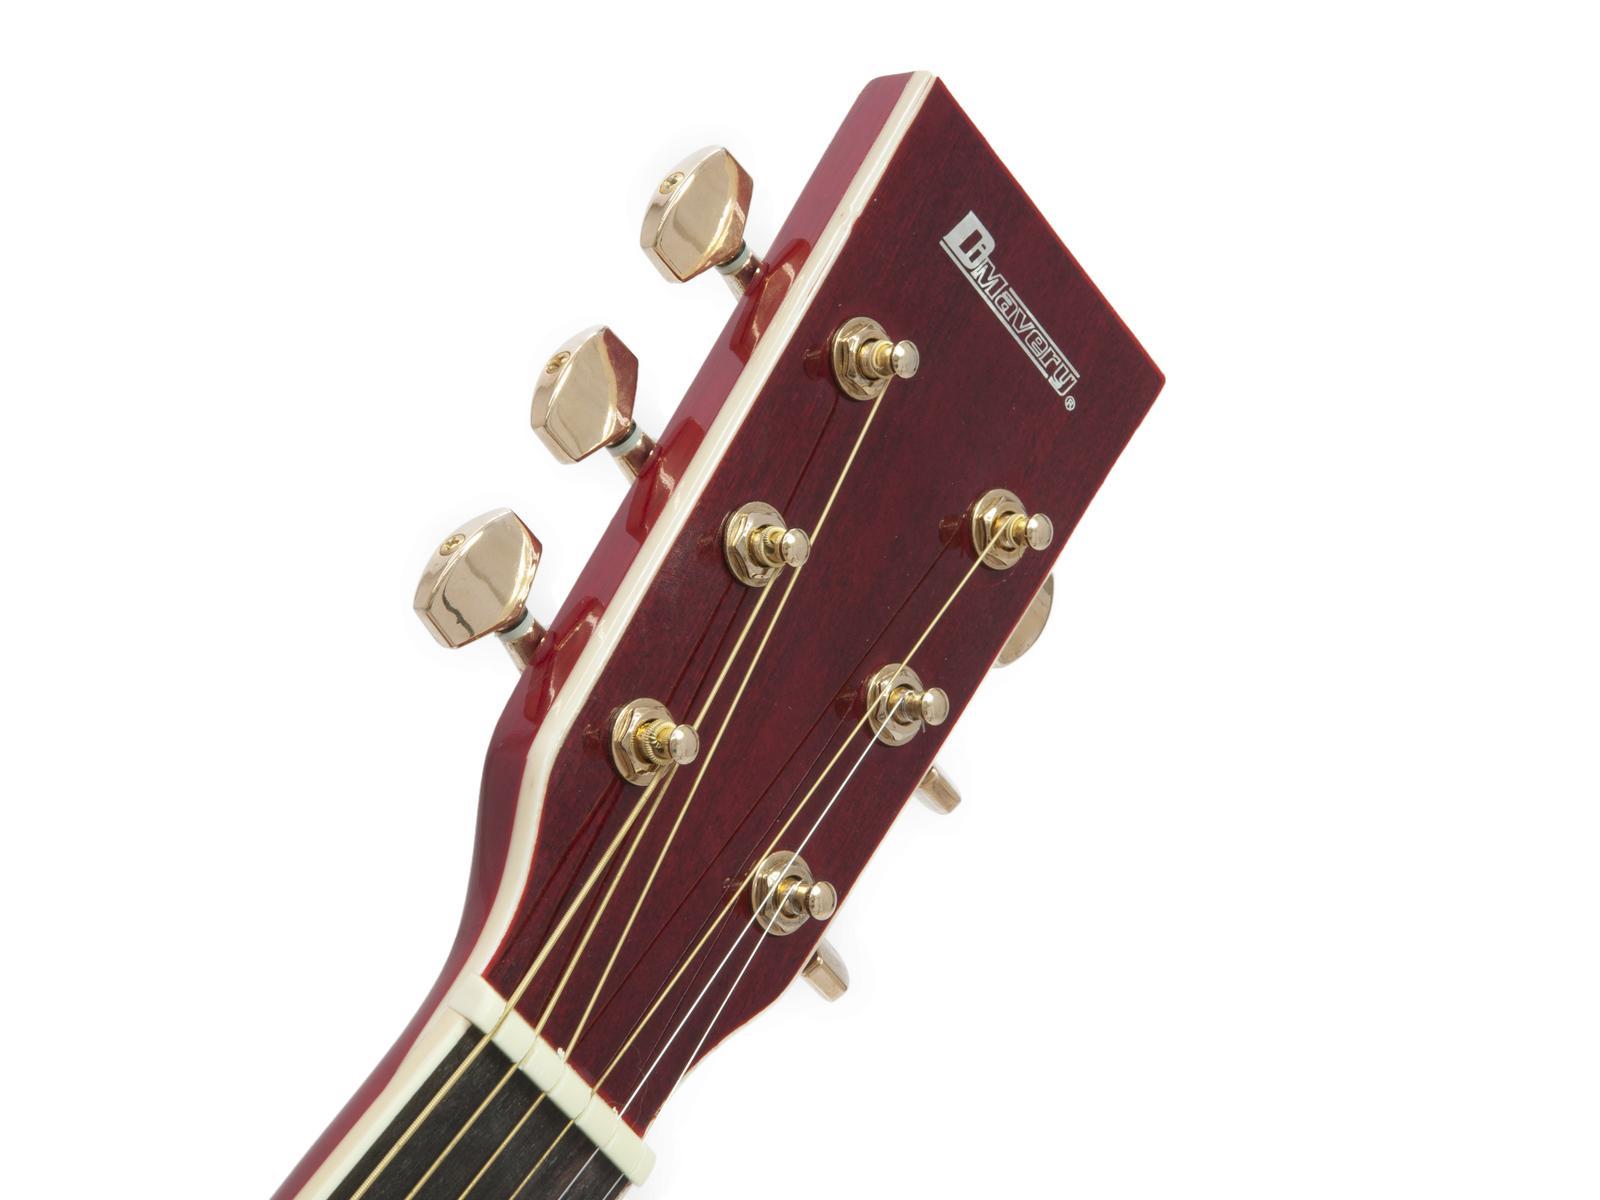 Chitarra acustica, western, colore cutaway rosso, abete, DIMAVERY JH-500